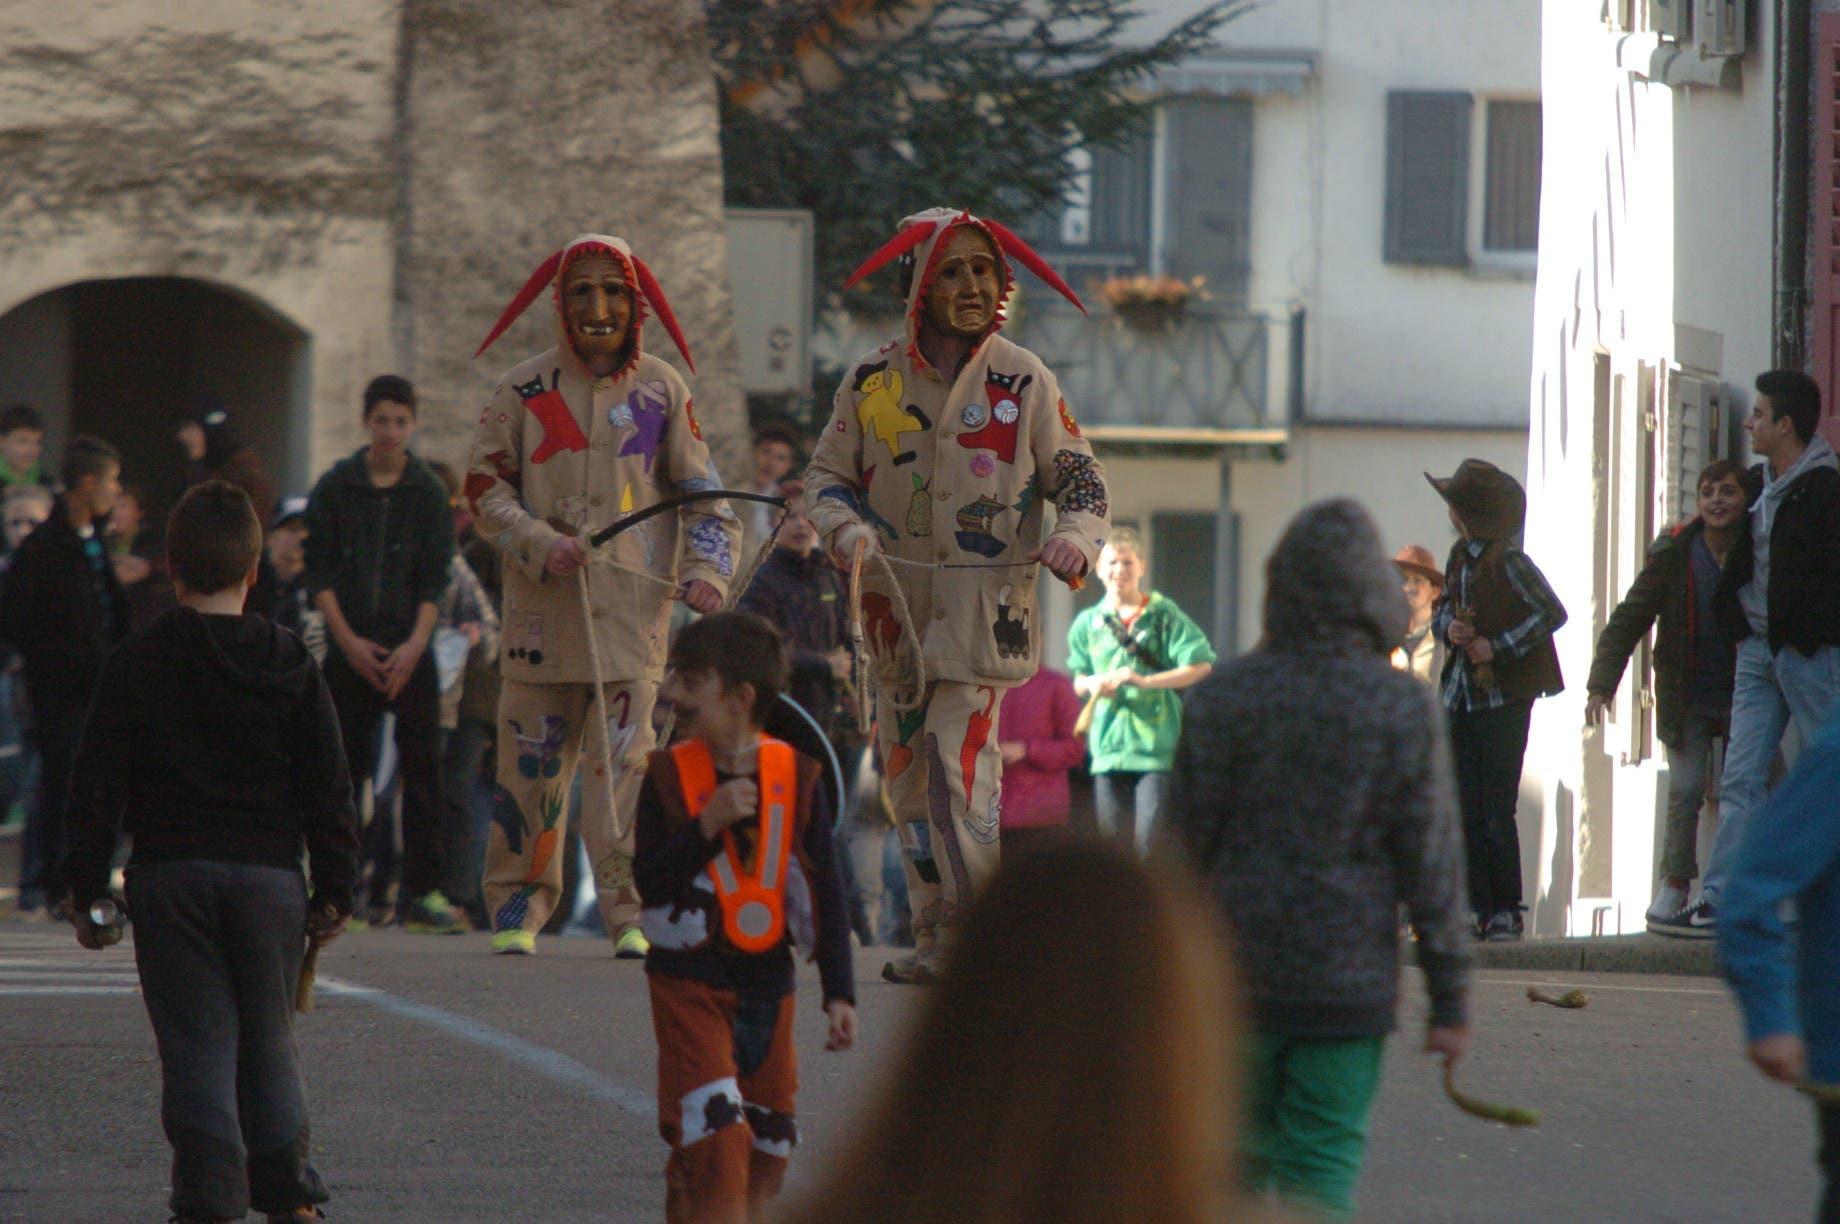 Die beiden Räbehegel im Einsatz: Mit Geisseln jagen sie die Kinder, welche die Räbehegel von hinten mit Chabisstorzen bewerfen dürfen.